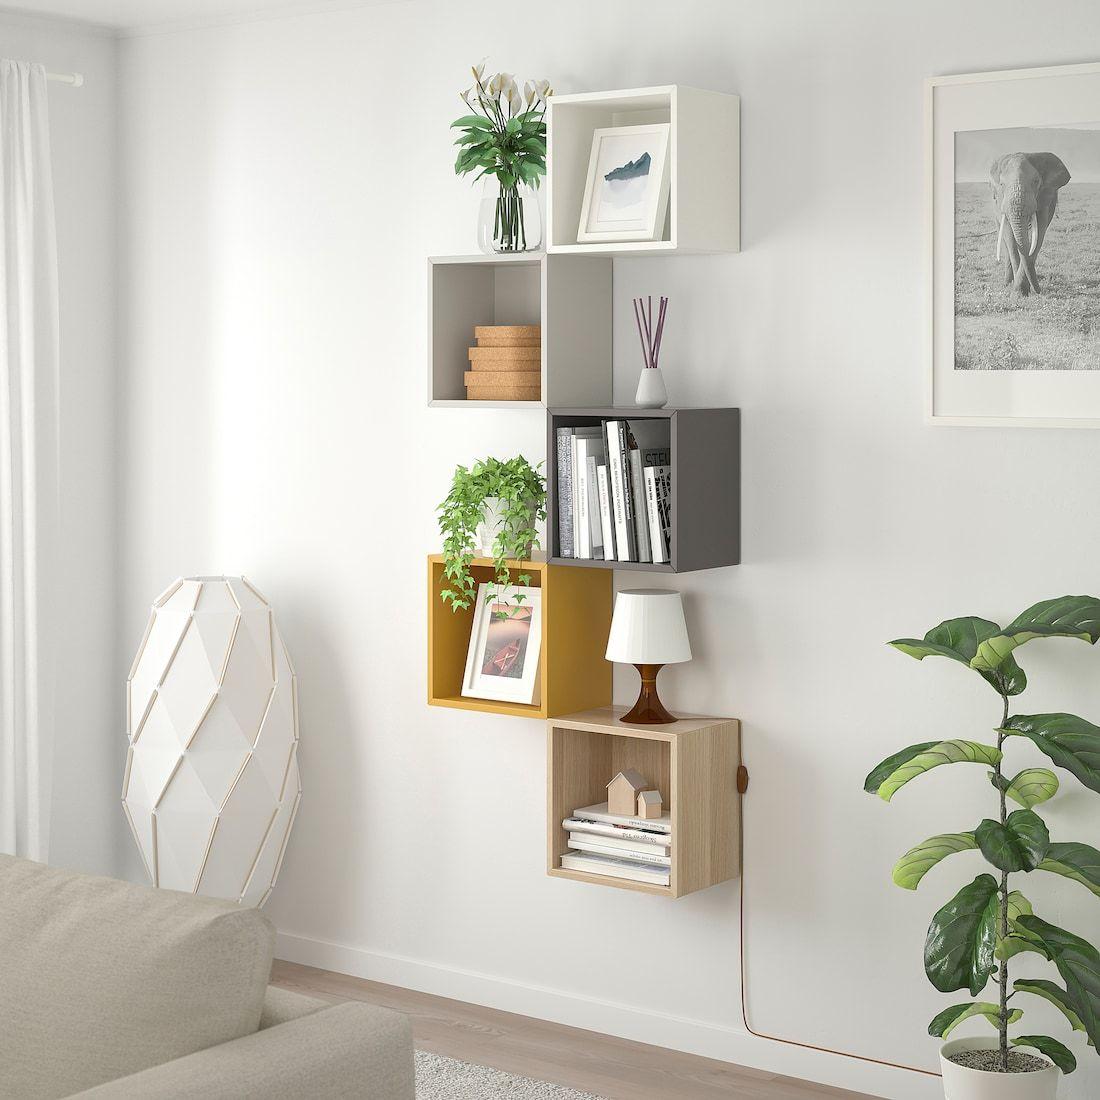 Mensole In Legno Ikea eket combinazione di mobili da parete - multicolore 1